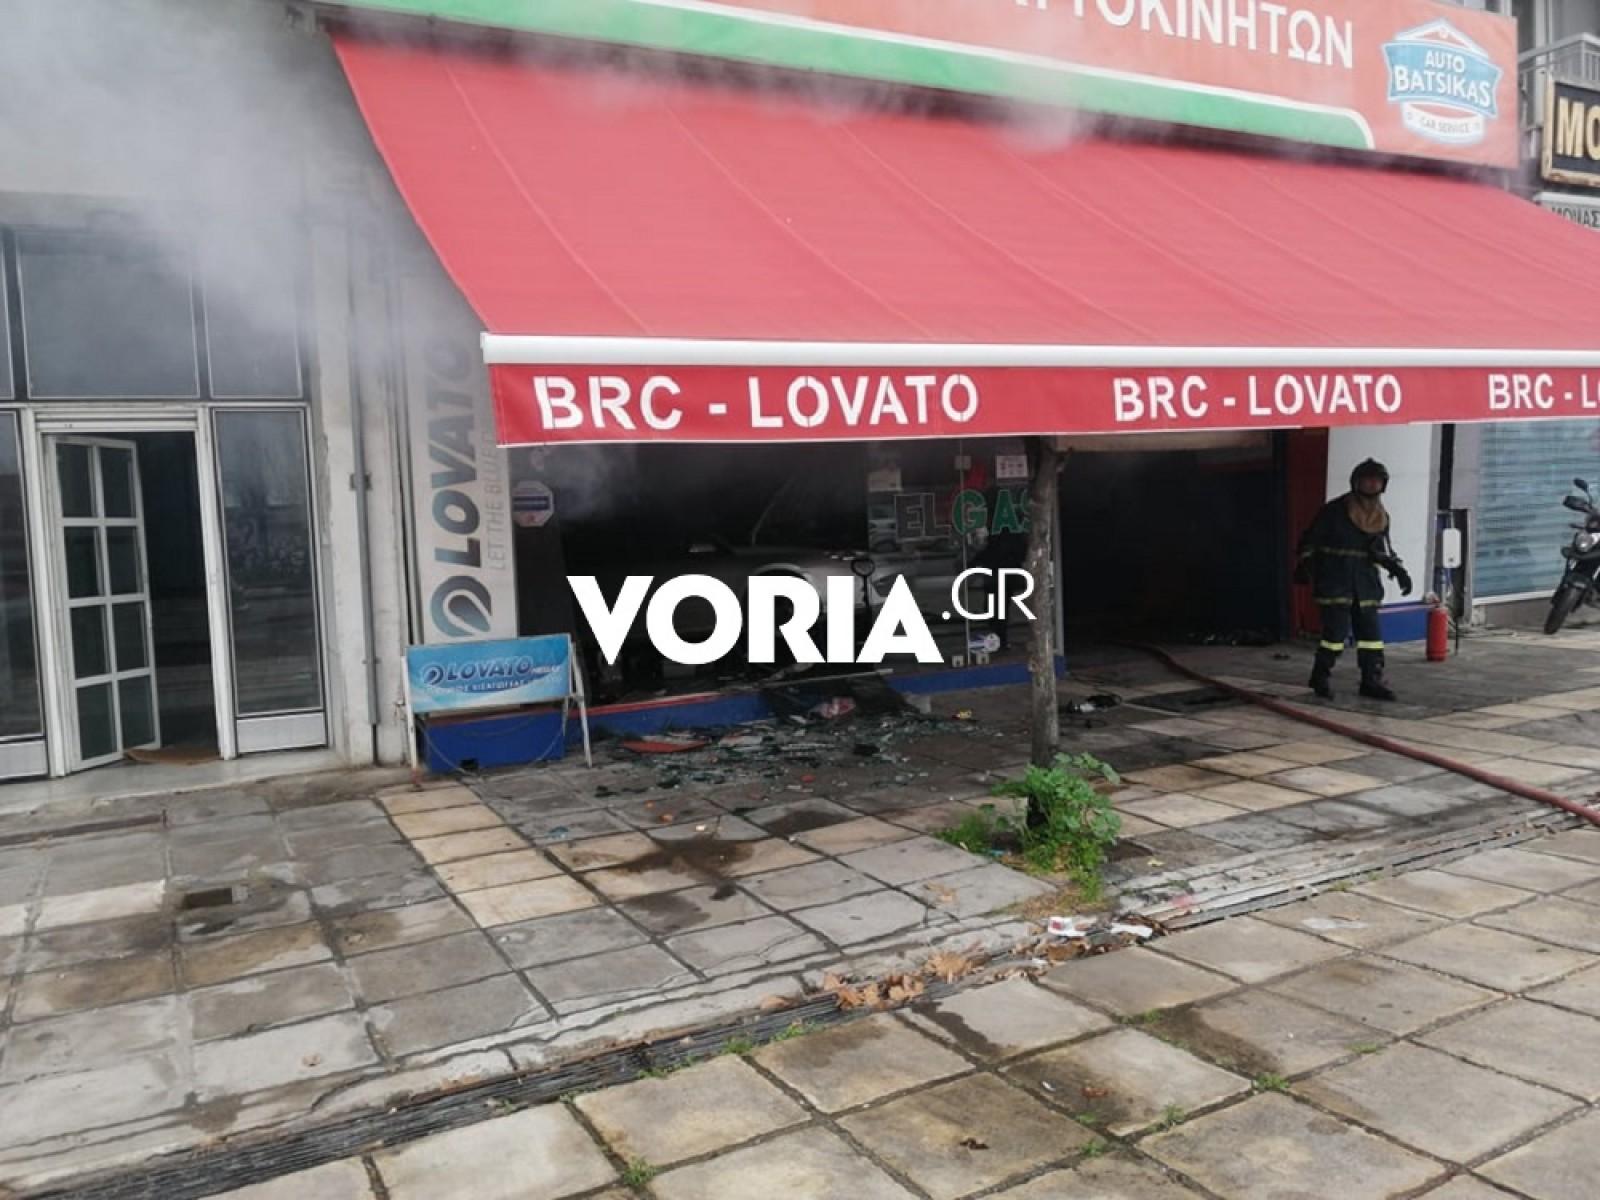 Θεσσαλονίκη: Έκρηξη και φωτιά σε συνεργείο αυτοκινήτων – Τραυματίστηκε ελαφρά εργαζόμενος